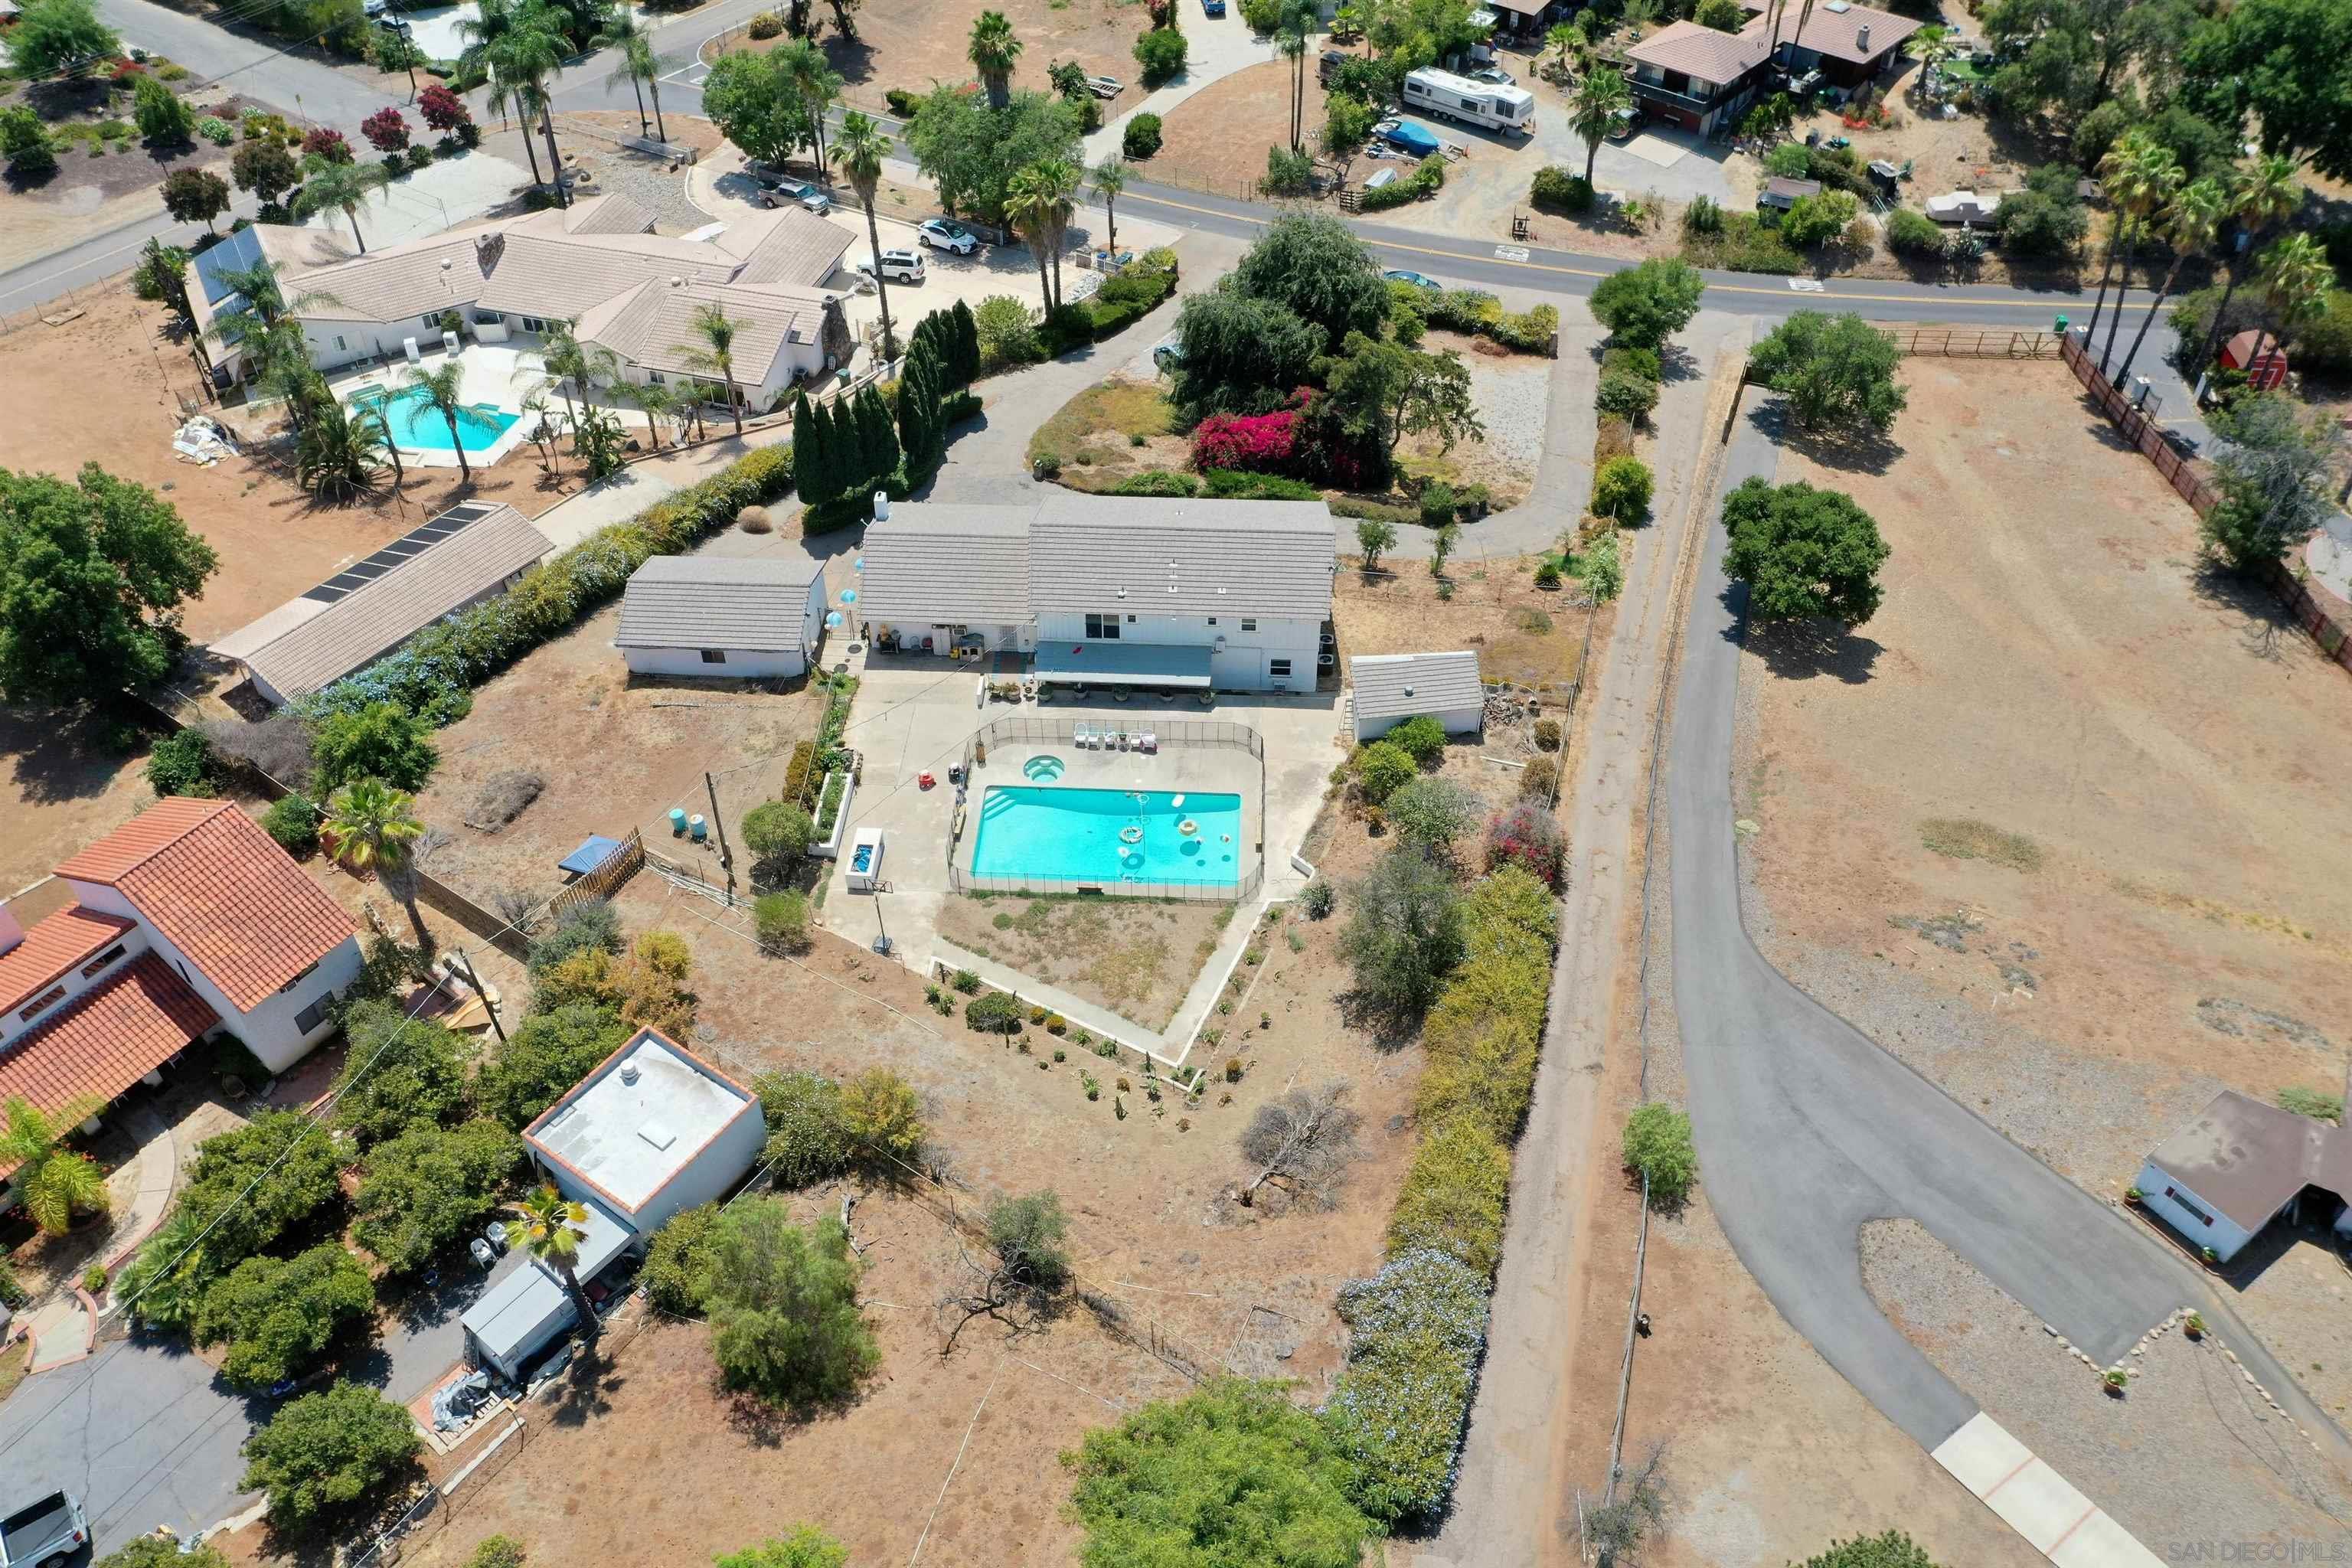 2276 Valley View Blvd, El Cajon, CA 92019